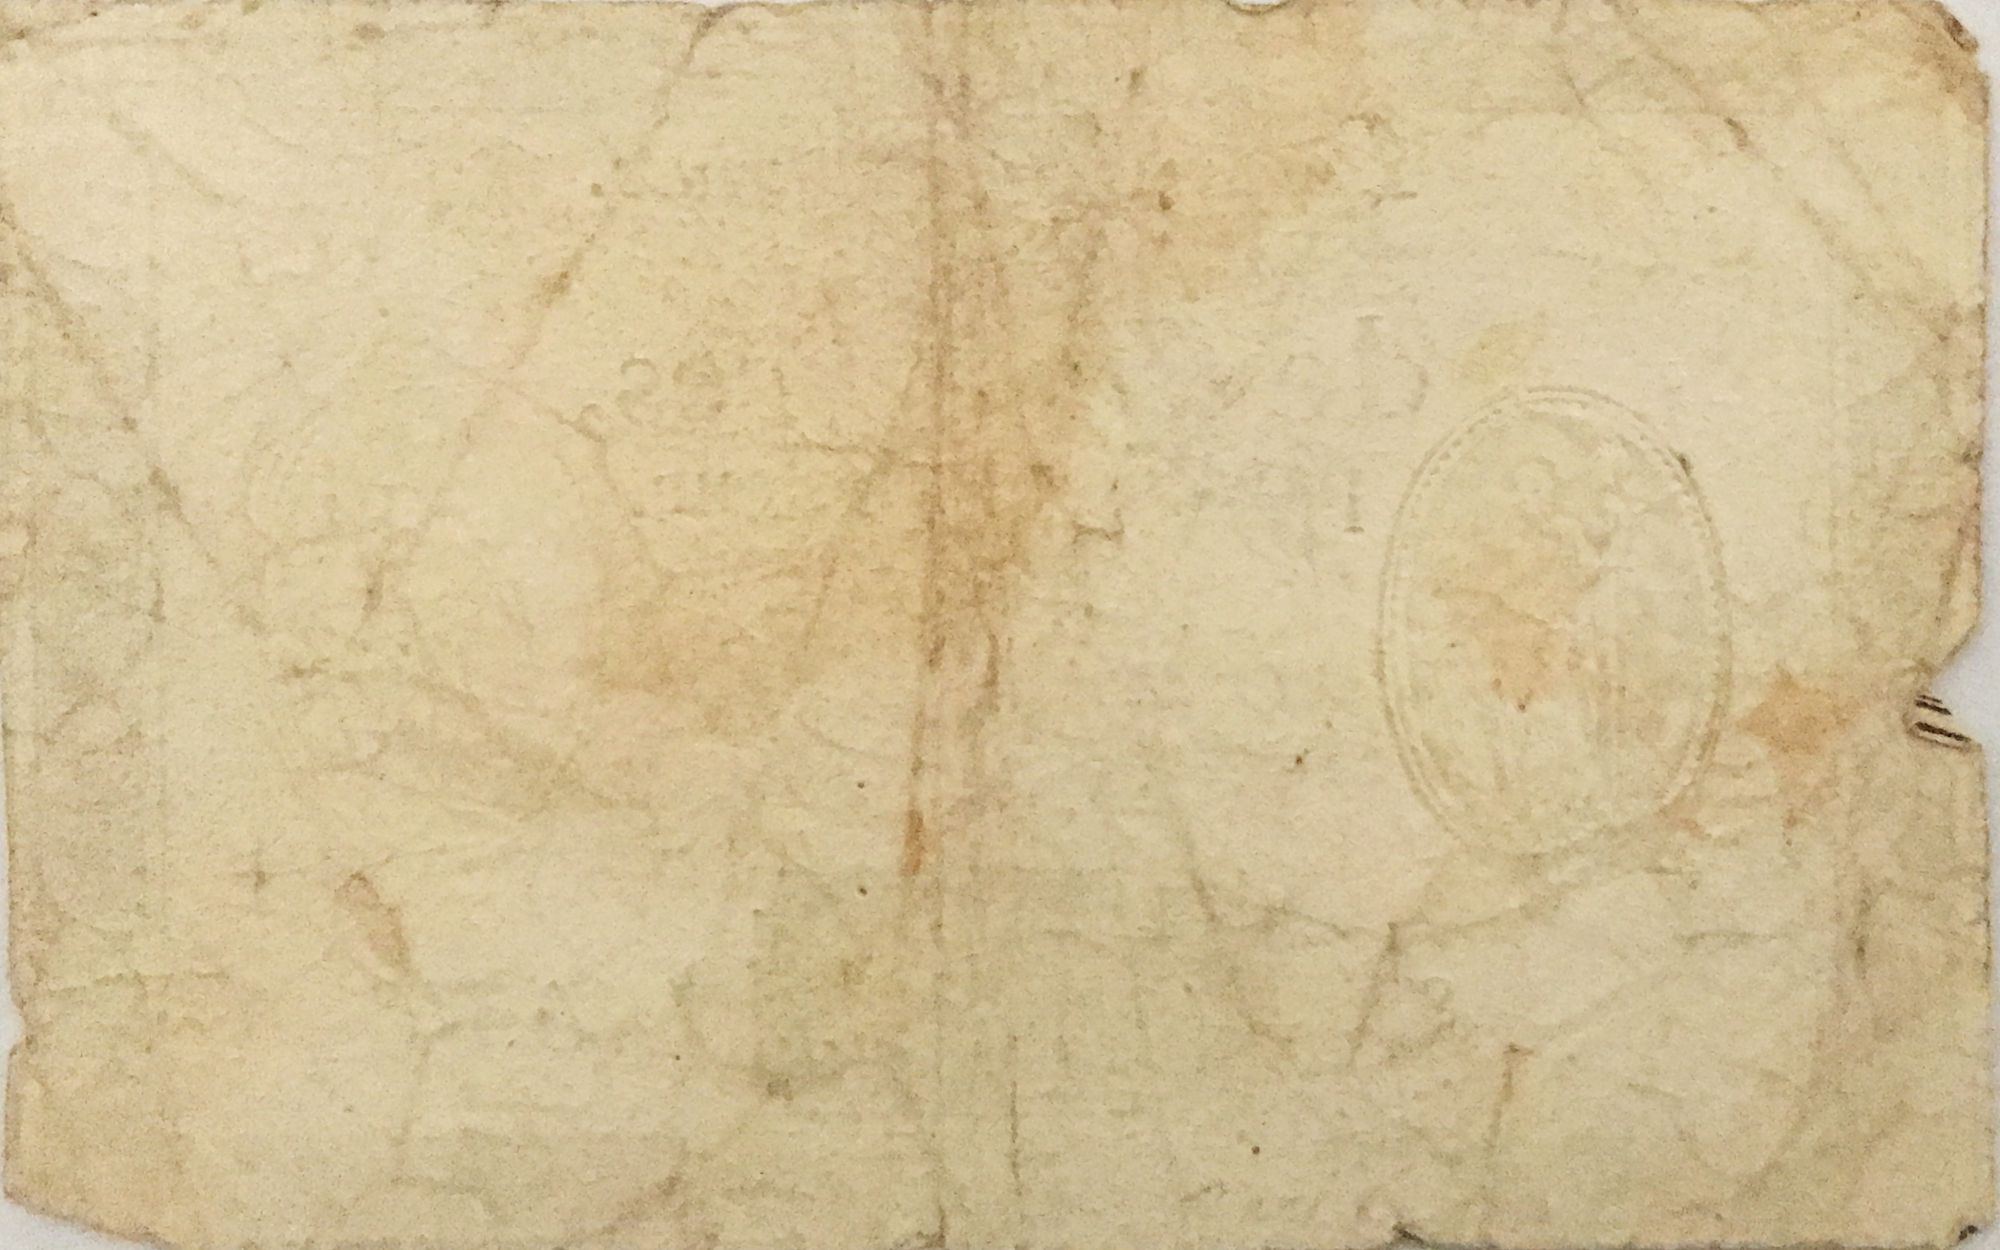 France 10 Livres Noir - Filigrane République (24-10-1792) - Sign. Taisaud - Série 1453 - B+